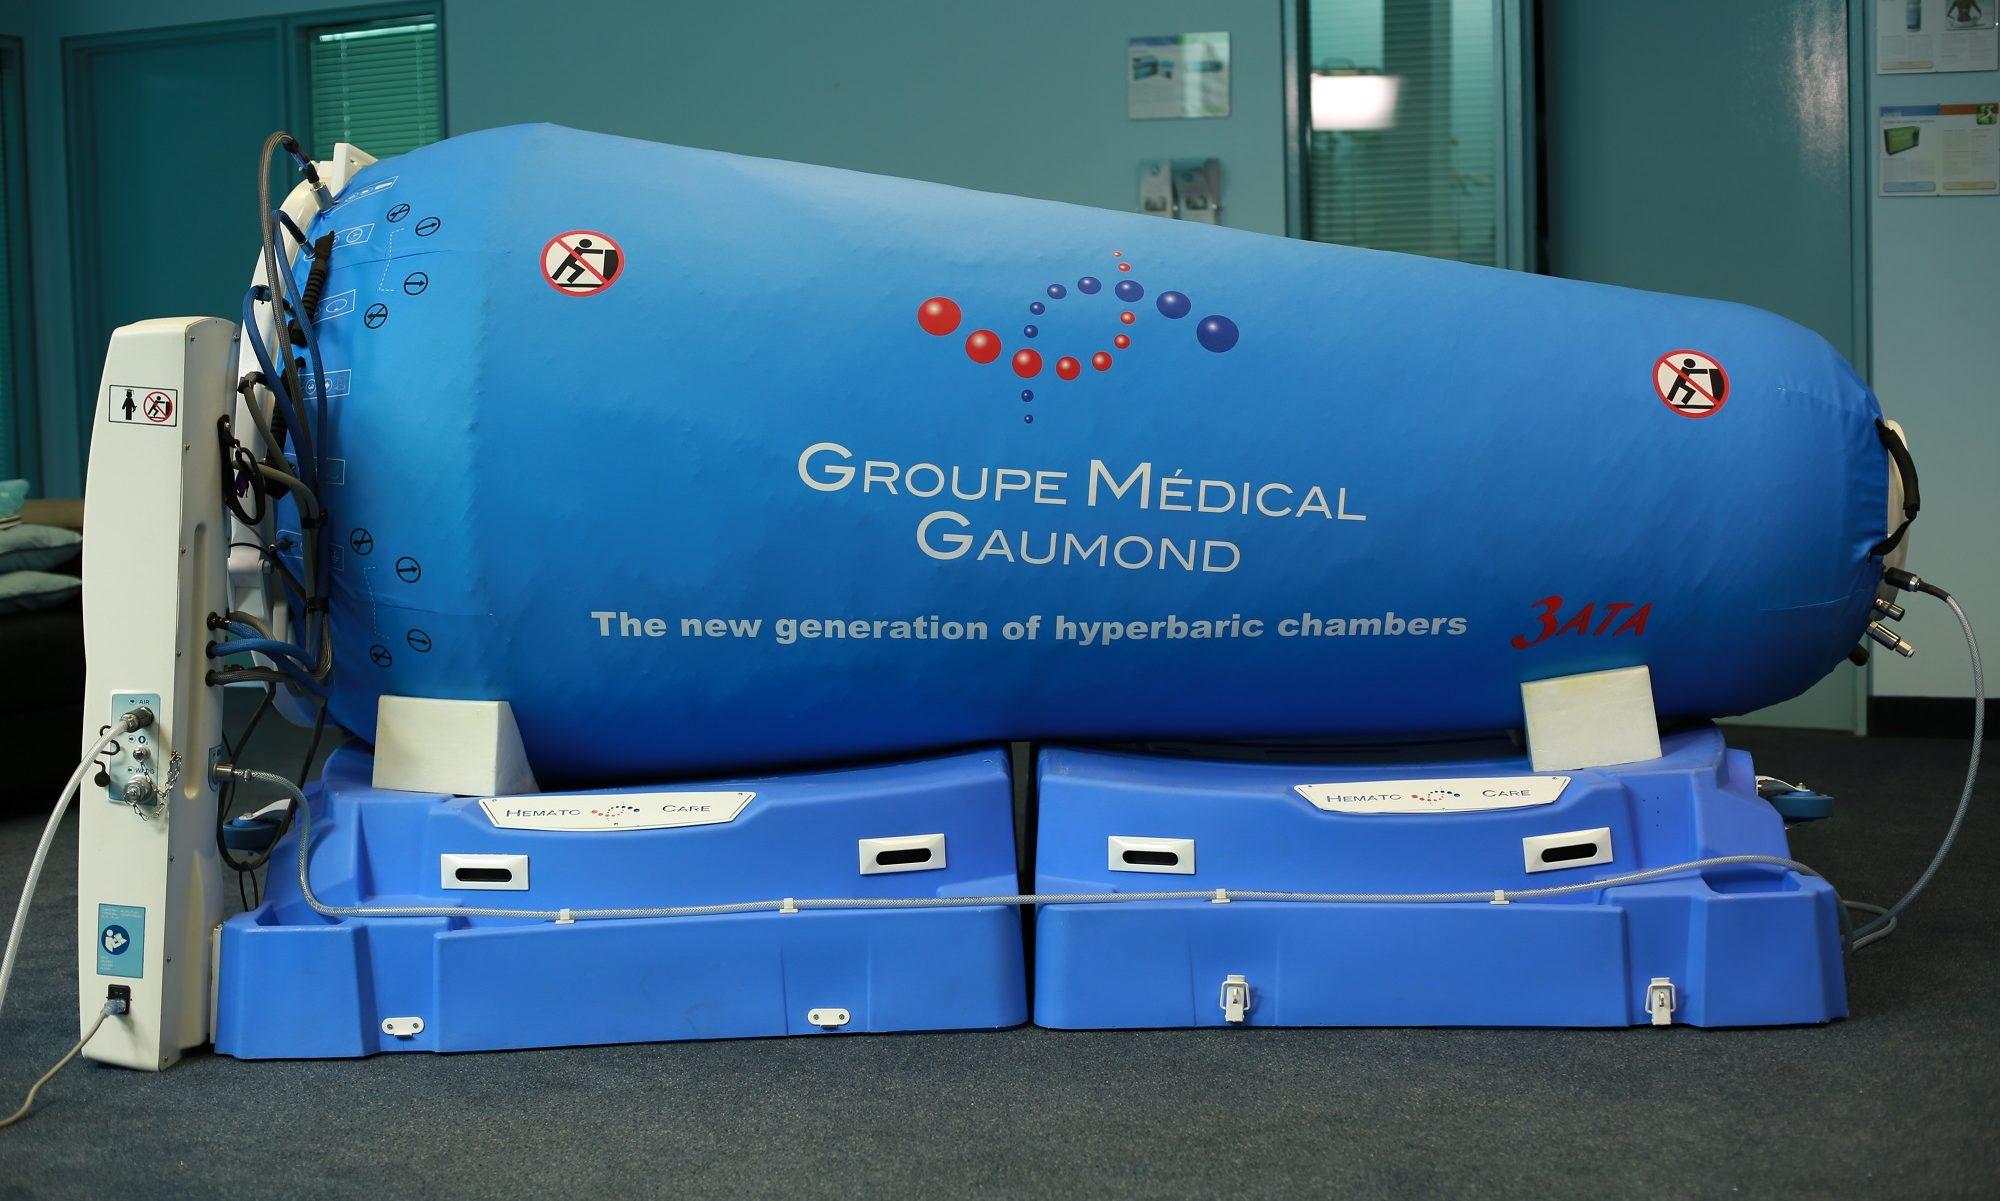 Groupe Medical Gaumond La Nouvelle Generation De Chambre Hyperbare